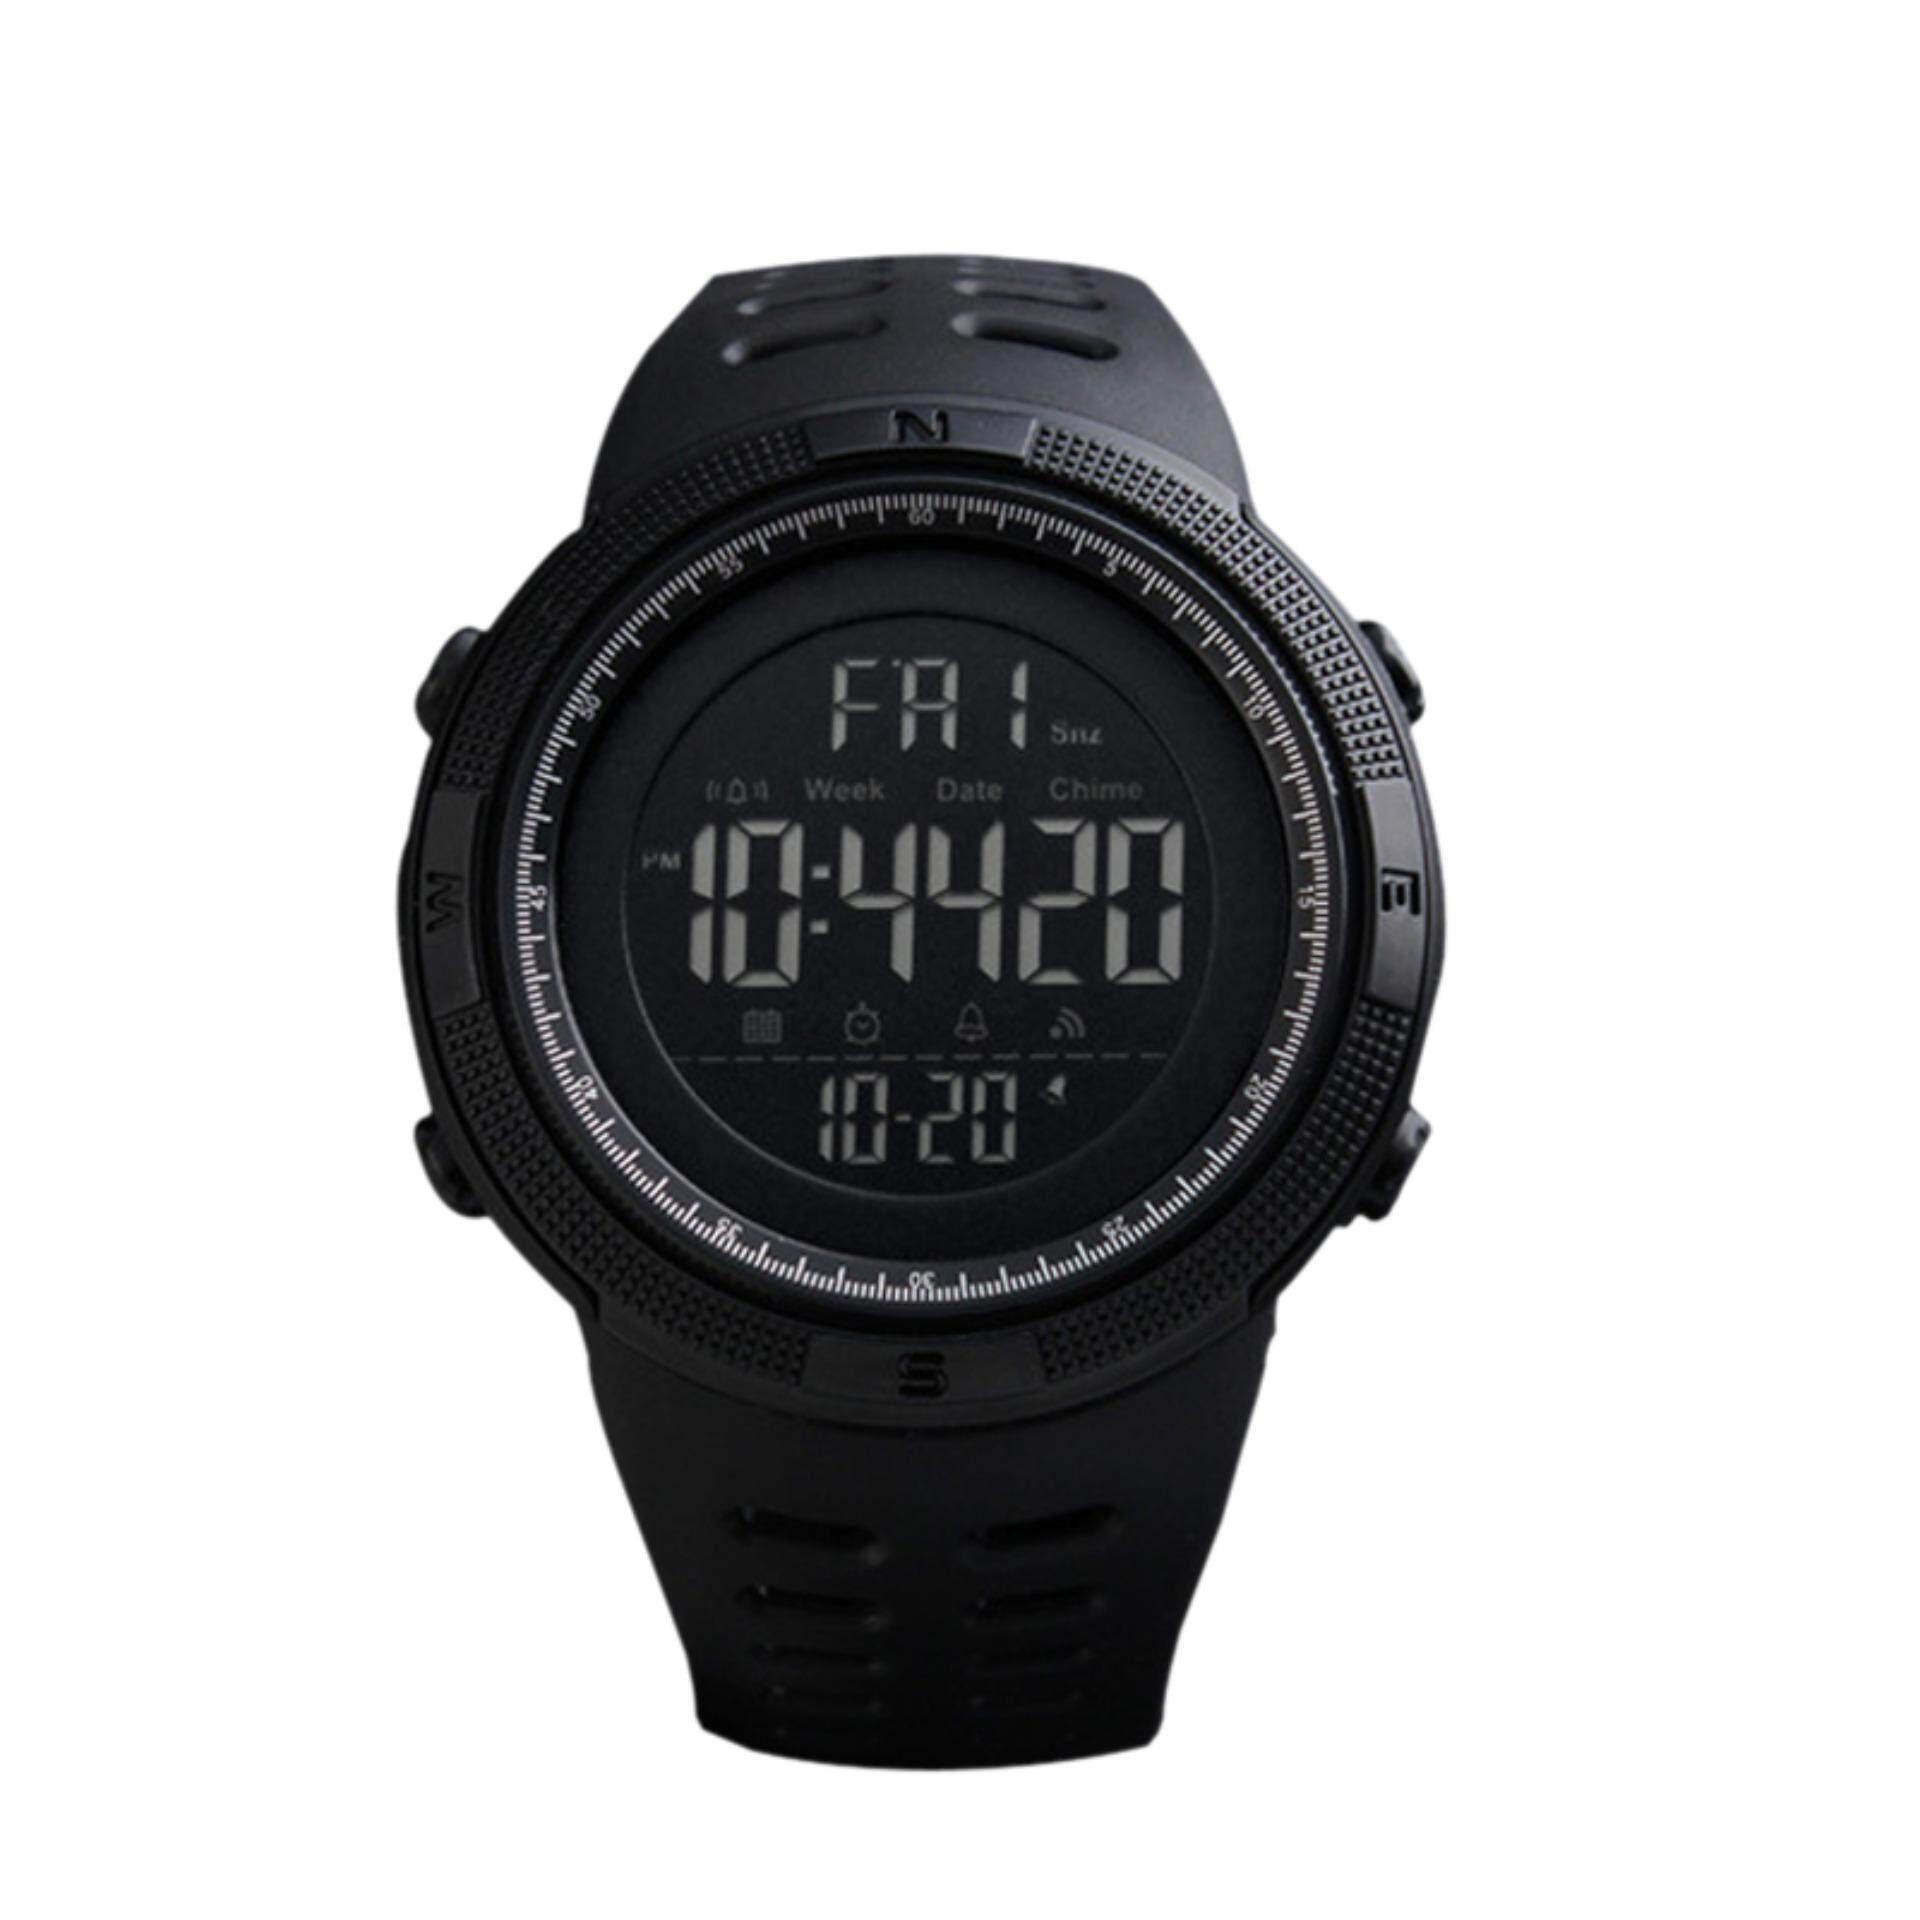 ขาย นาฬิกาข้อมือดิจิตอล มัลติฟังชั่น สายเรซิน Skmei Sk 1251 พร้อมกล่อง สีดำ เป็นต้นฉบับ